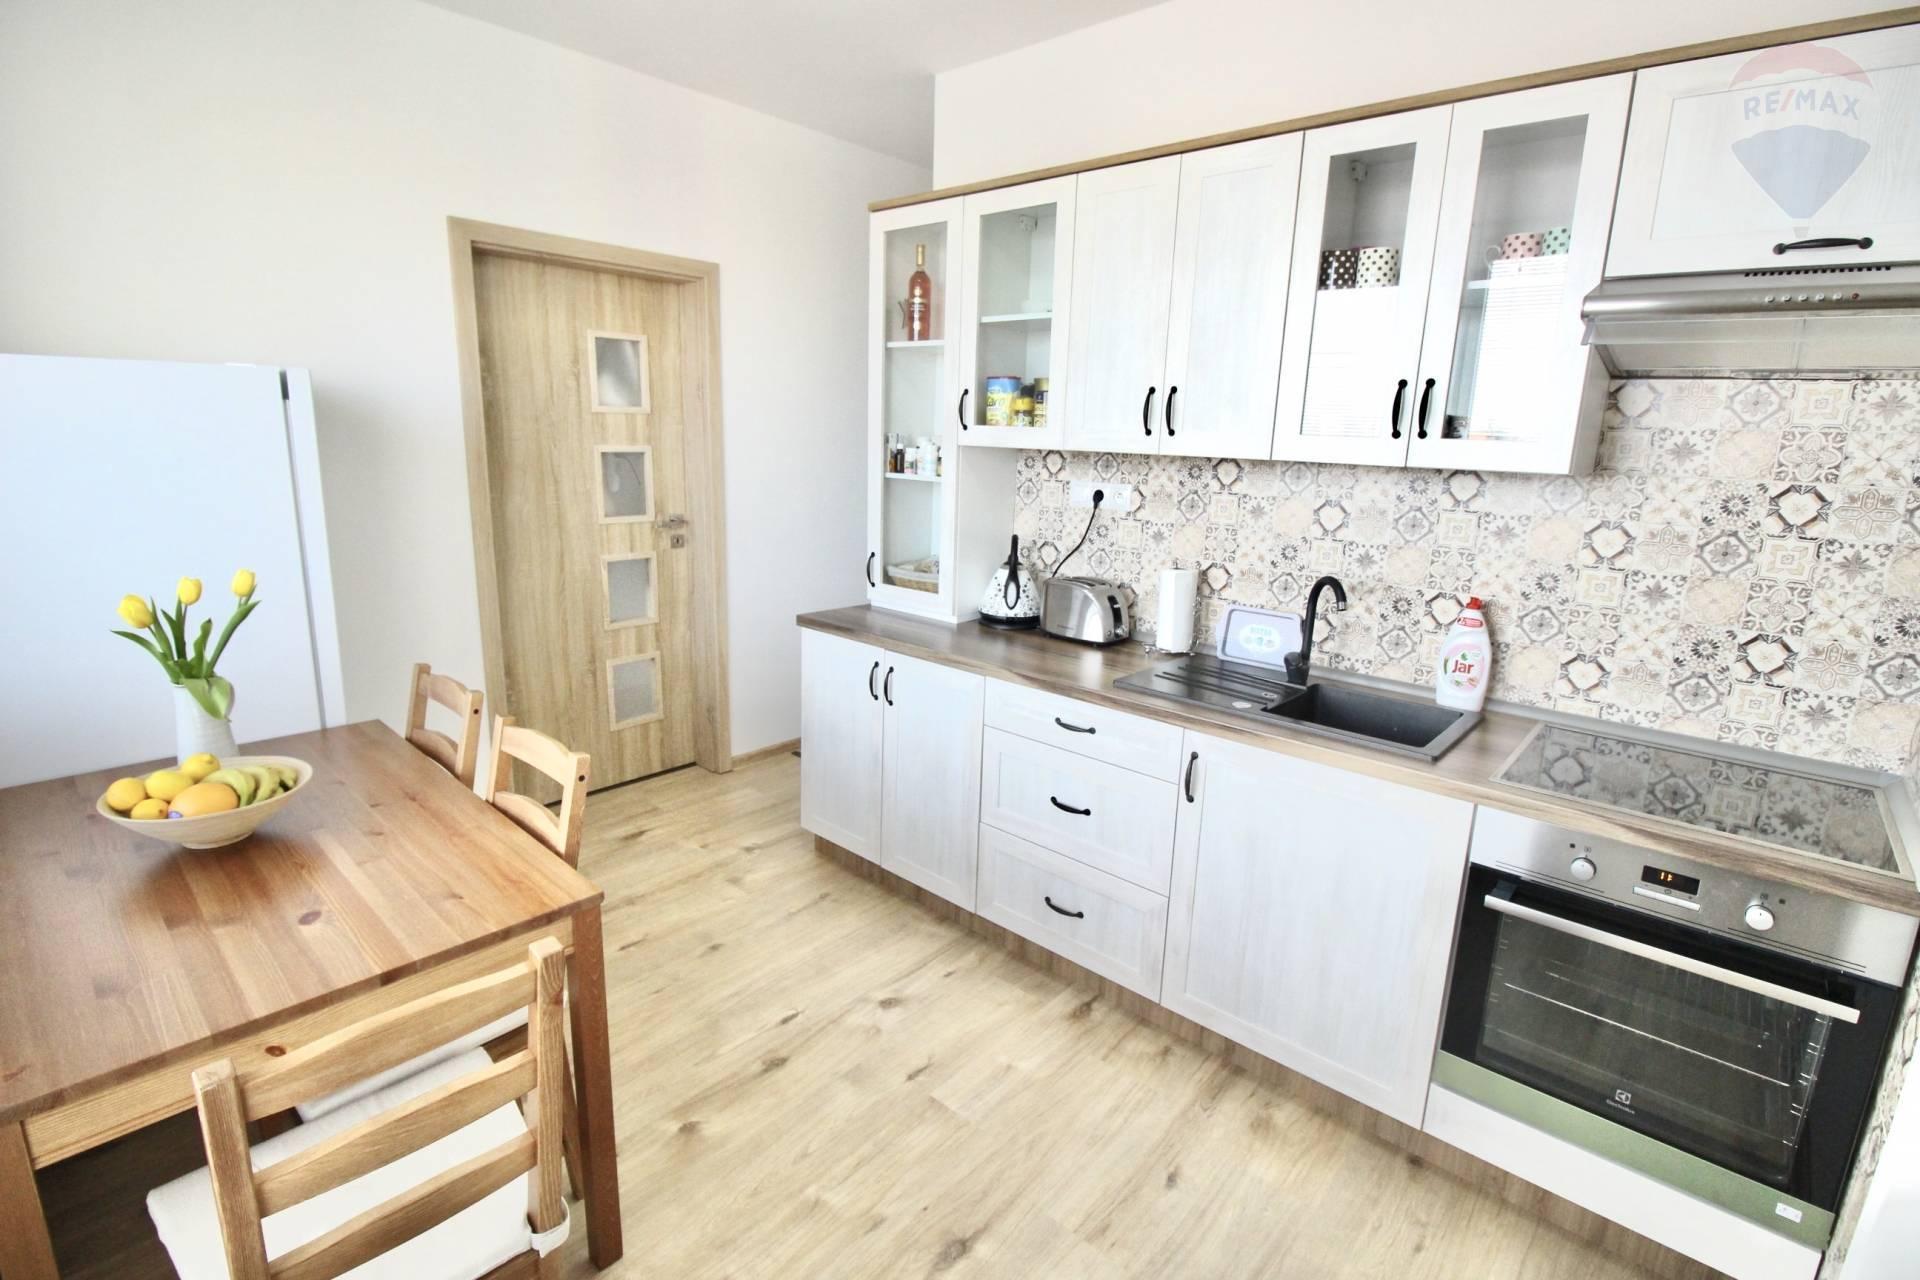 Predaj:priestranný 2 izbový byt,po kompletnej rekonštrukcii,centrum,Neratovické nám.,Dunajská Streda